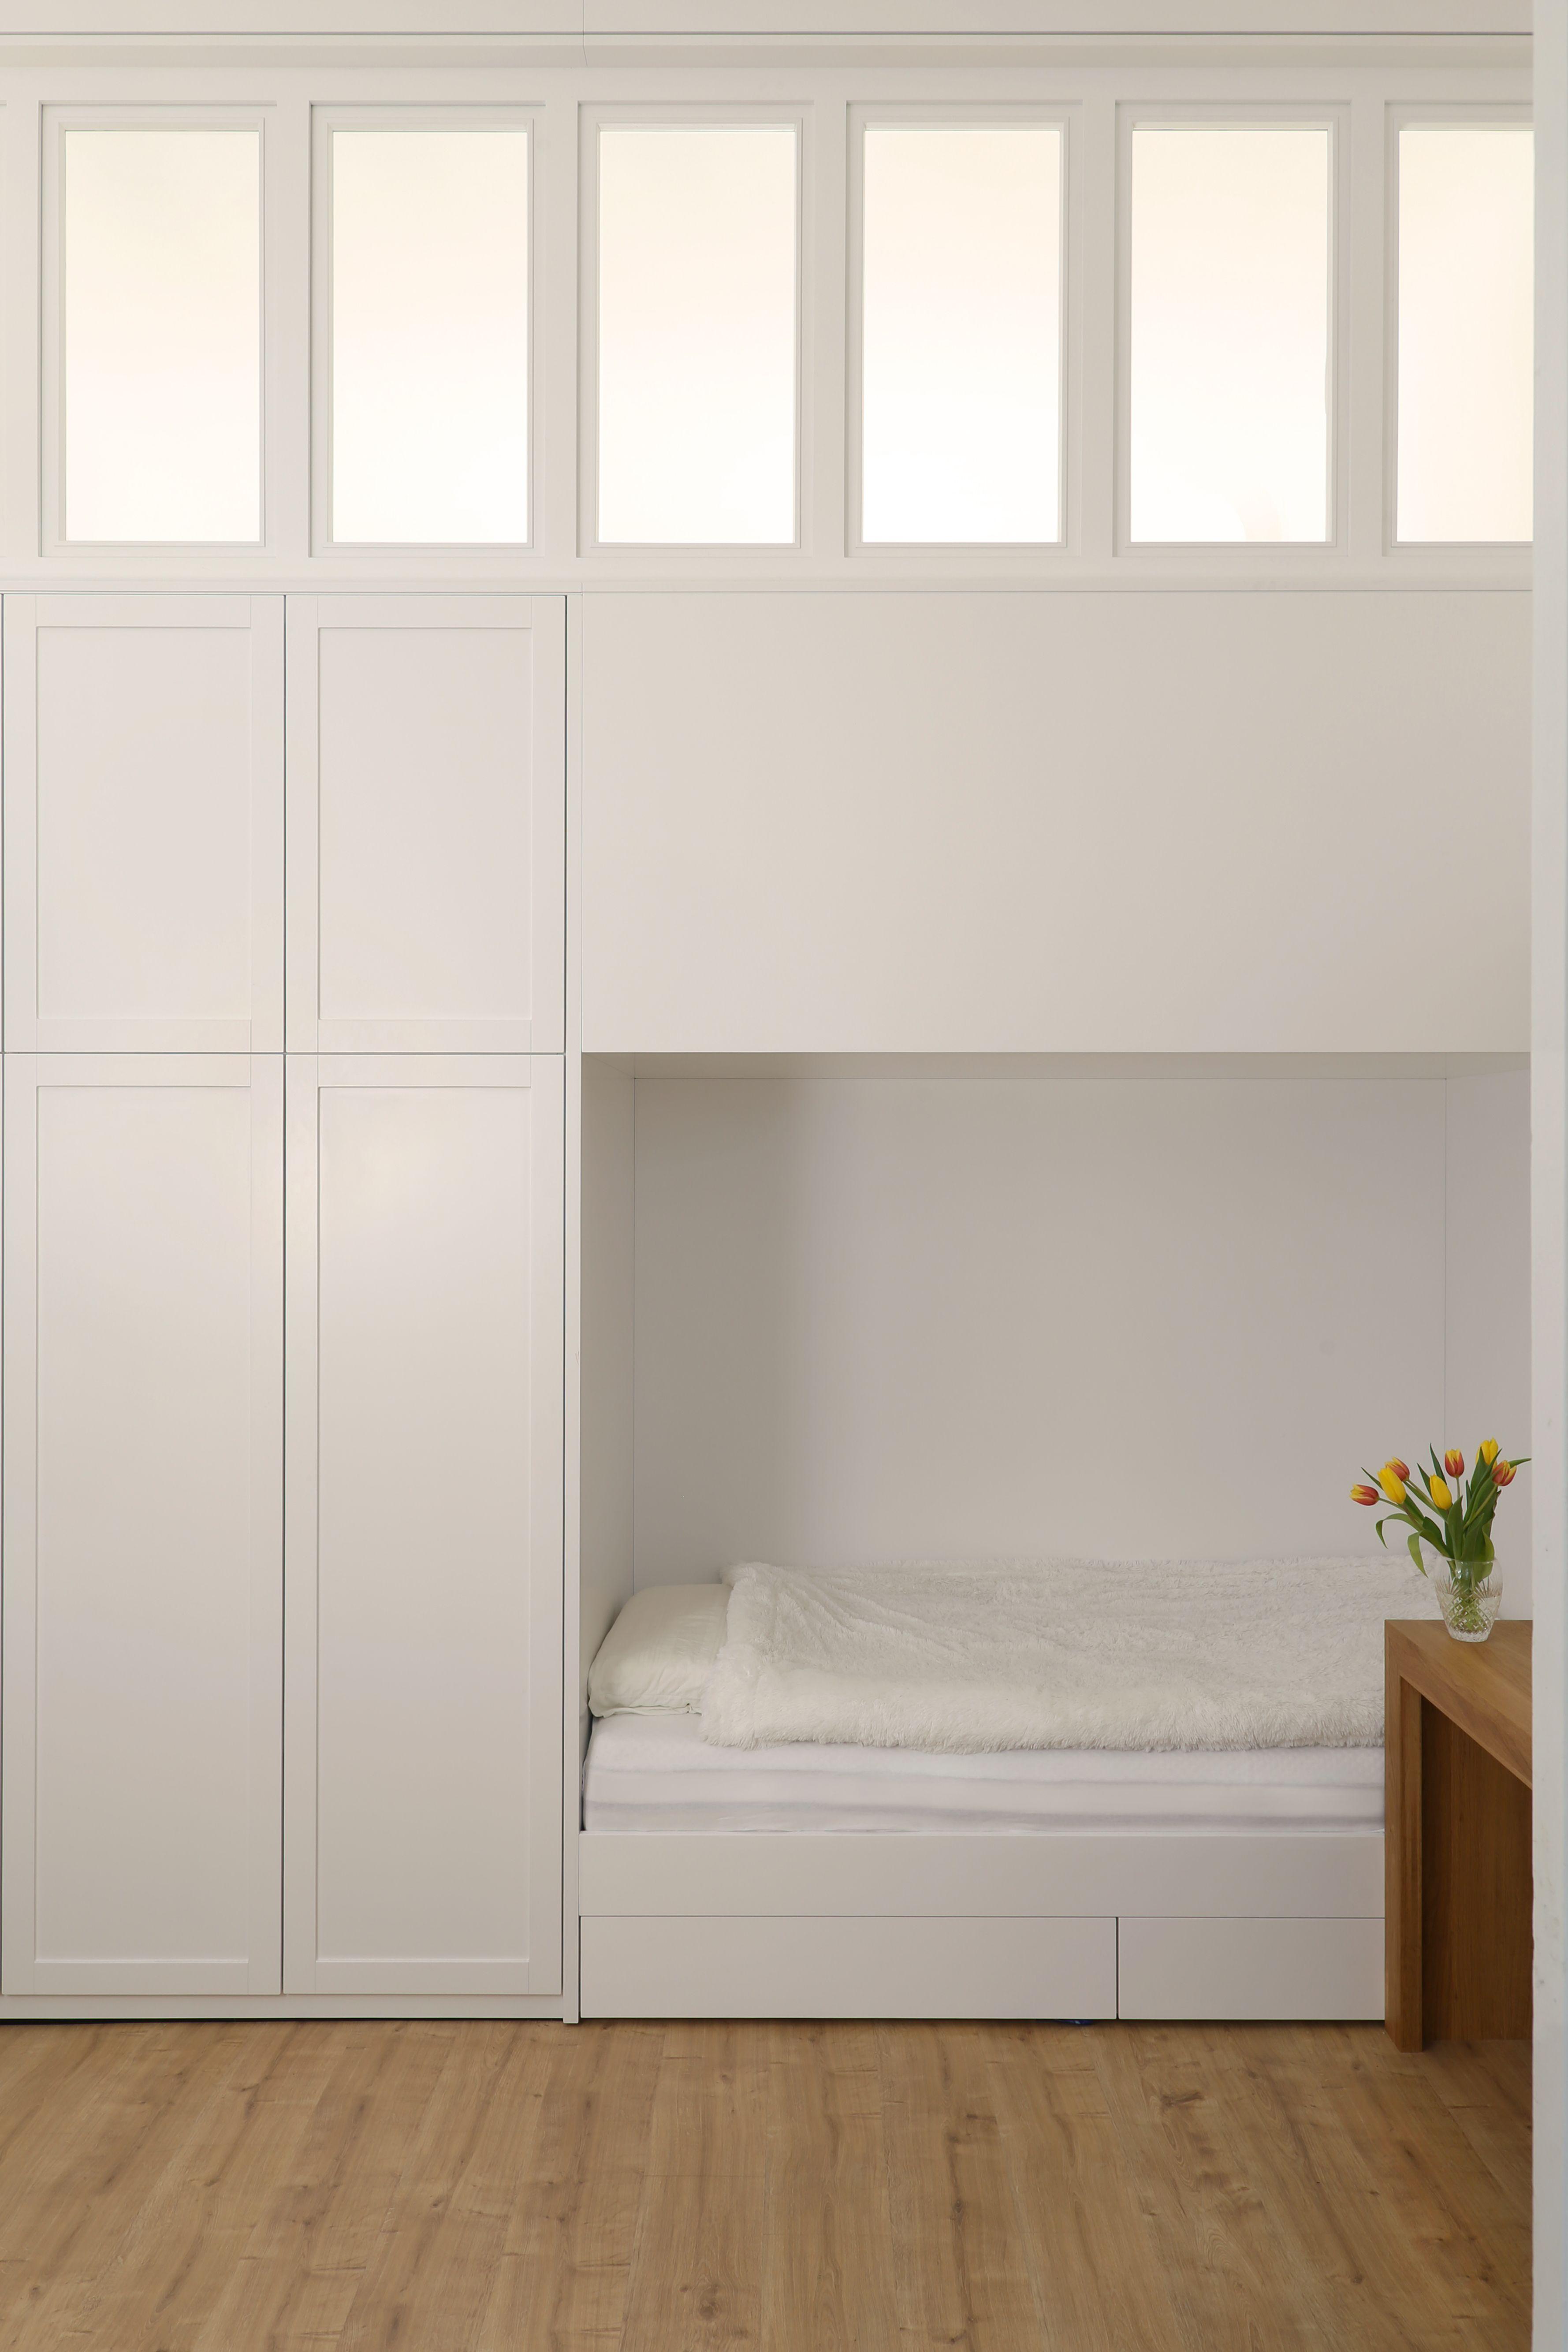 einbauschrank wei lackiert einbauschr nke regale. Black Bedroom Furniture Sets. Home Design Ideas